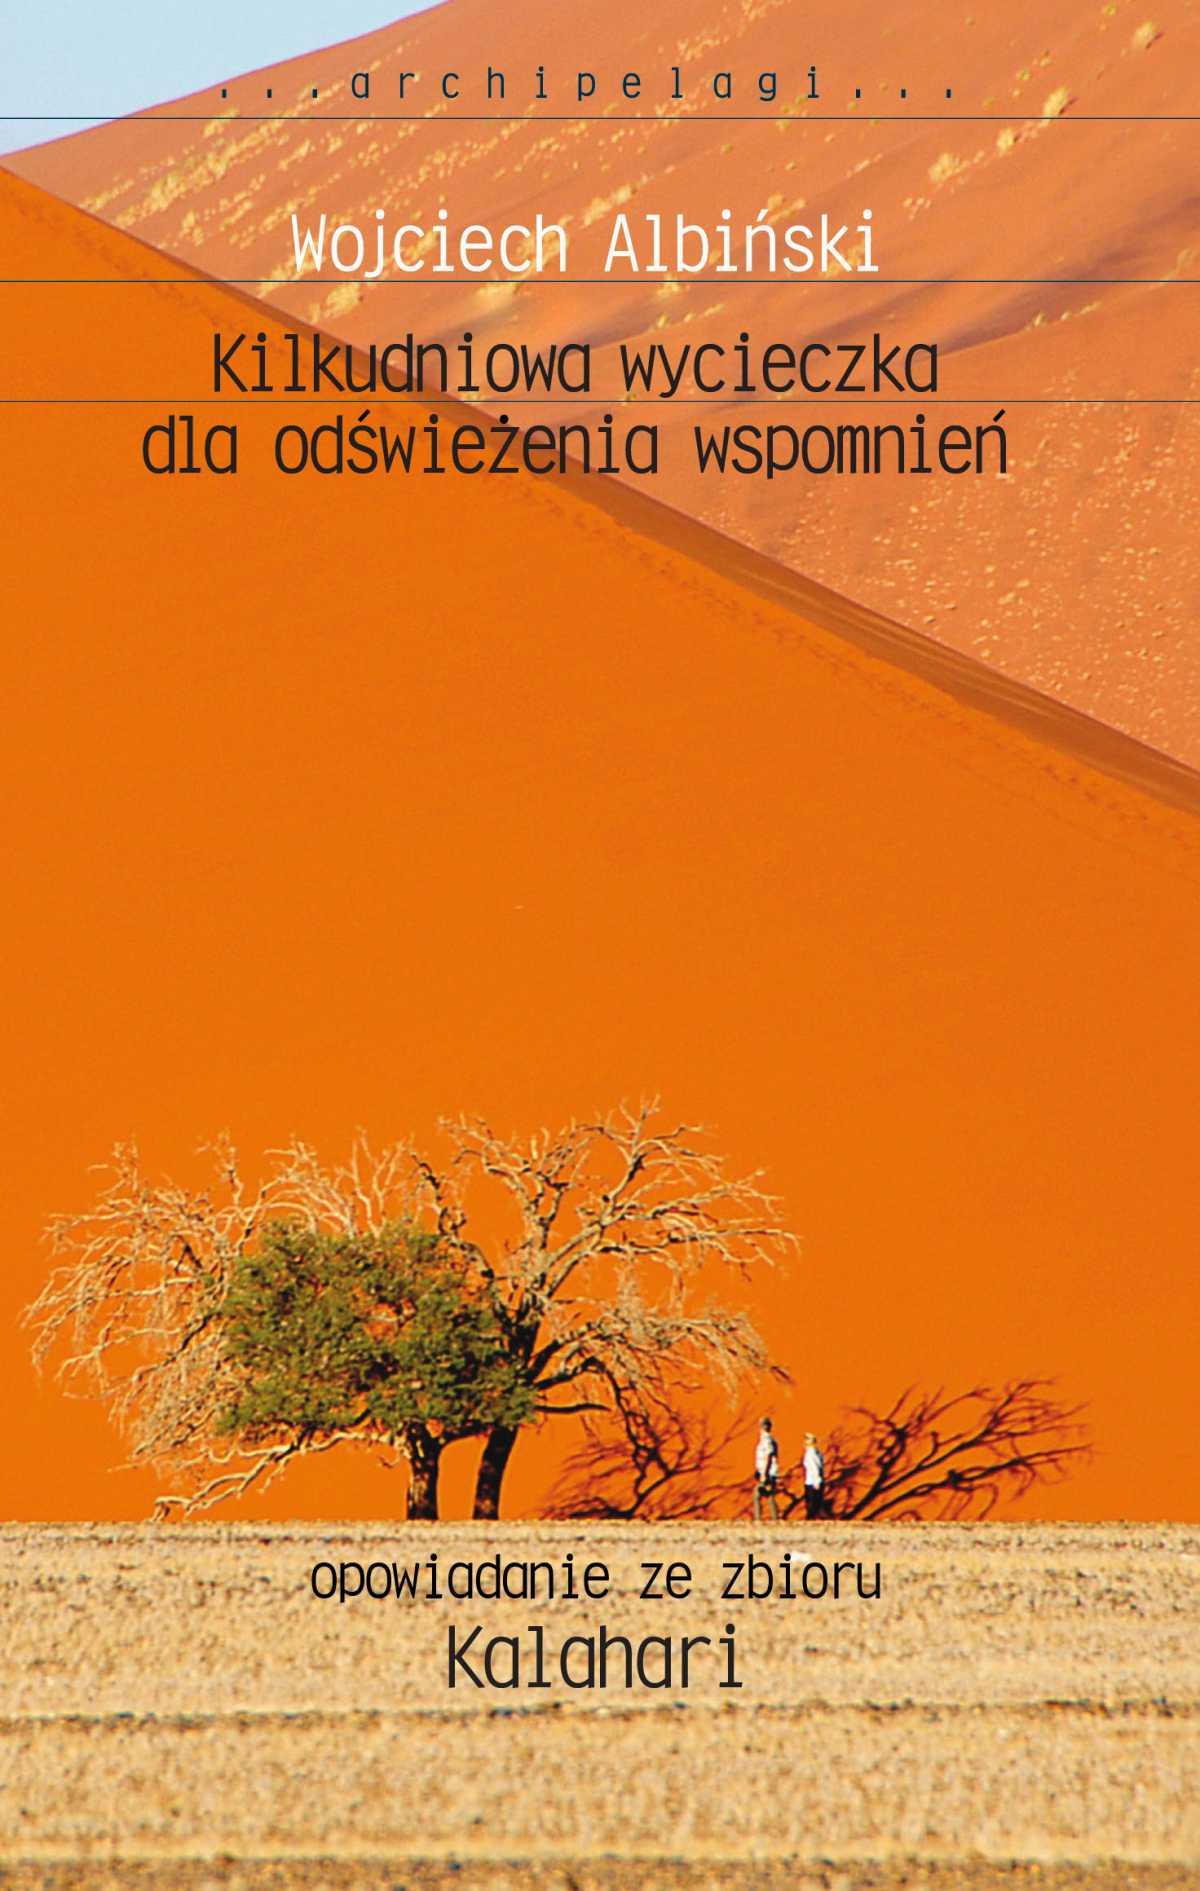 Kilkudniowa wycieczka dla odświeżenia wspomnień - Ebook (Książka na Kindle) do pobrania w formacie MOBI